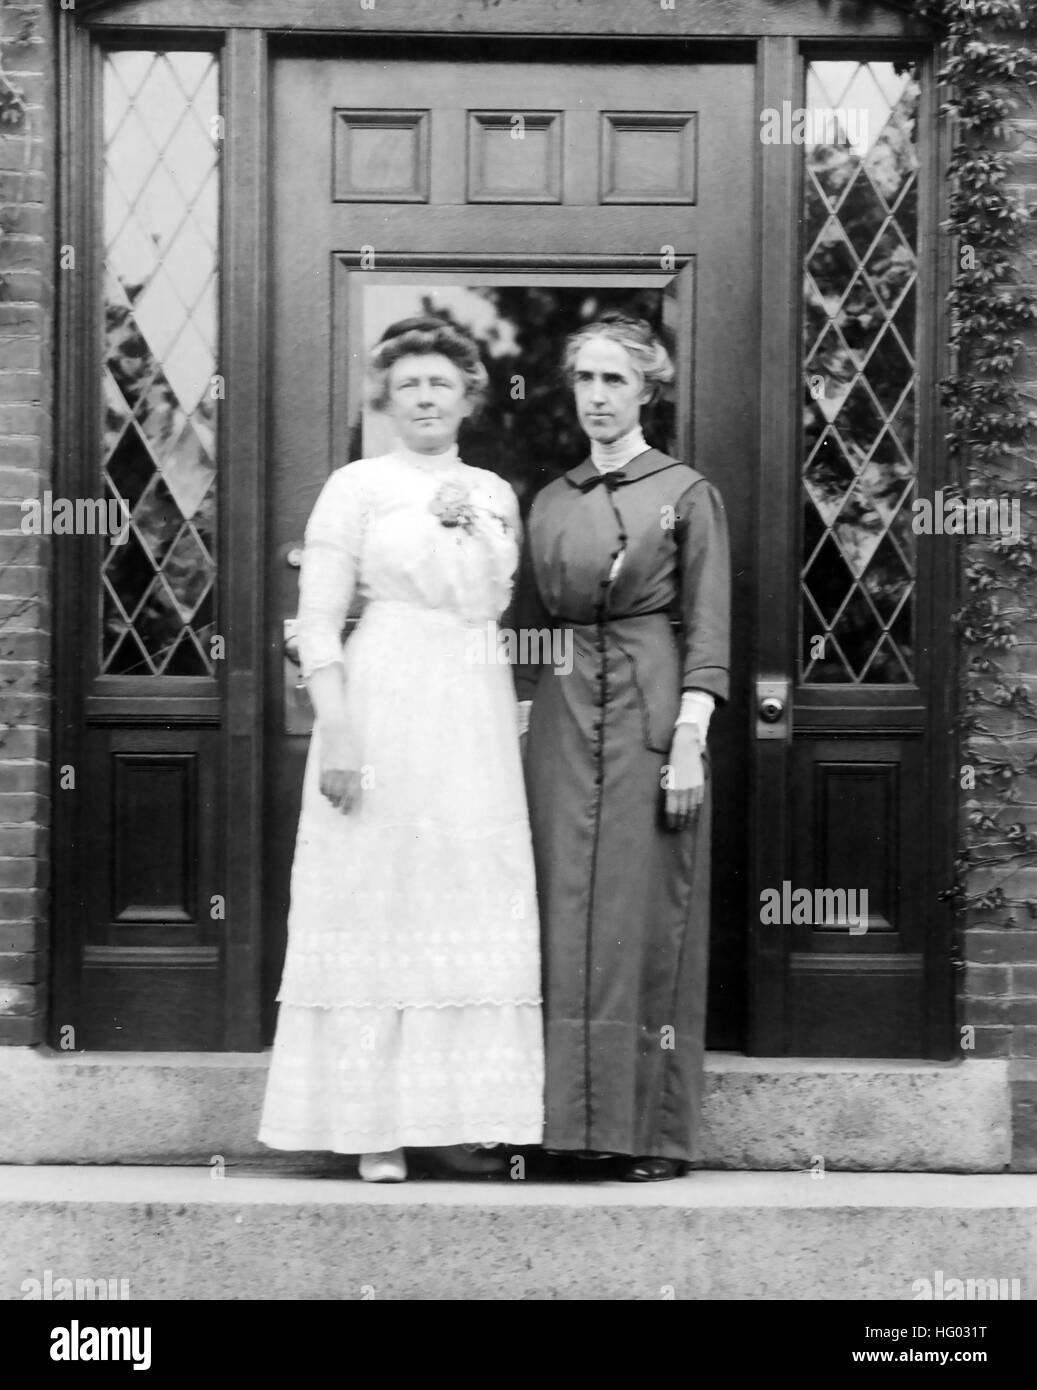 ANNIE JUMP CANON (1863-1941) astronome américain à gauche avec collègue astronome Henrietta Swan Levitt en 1913. Photo: Harvard College Banque D'Images